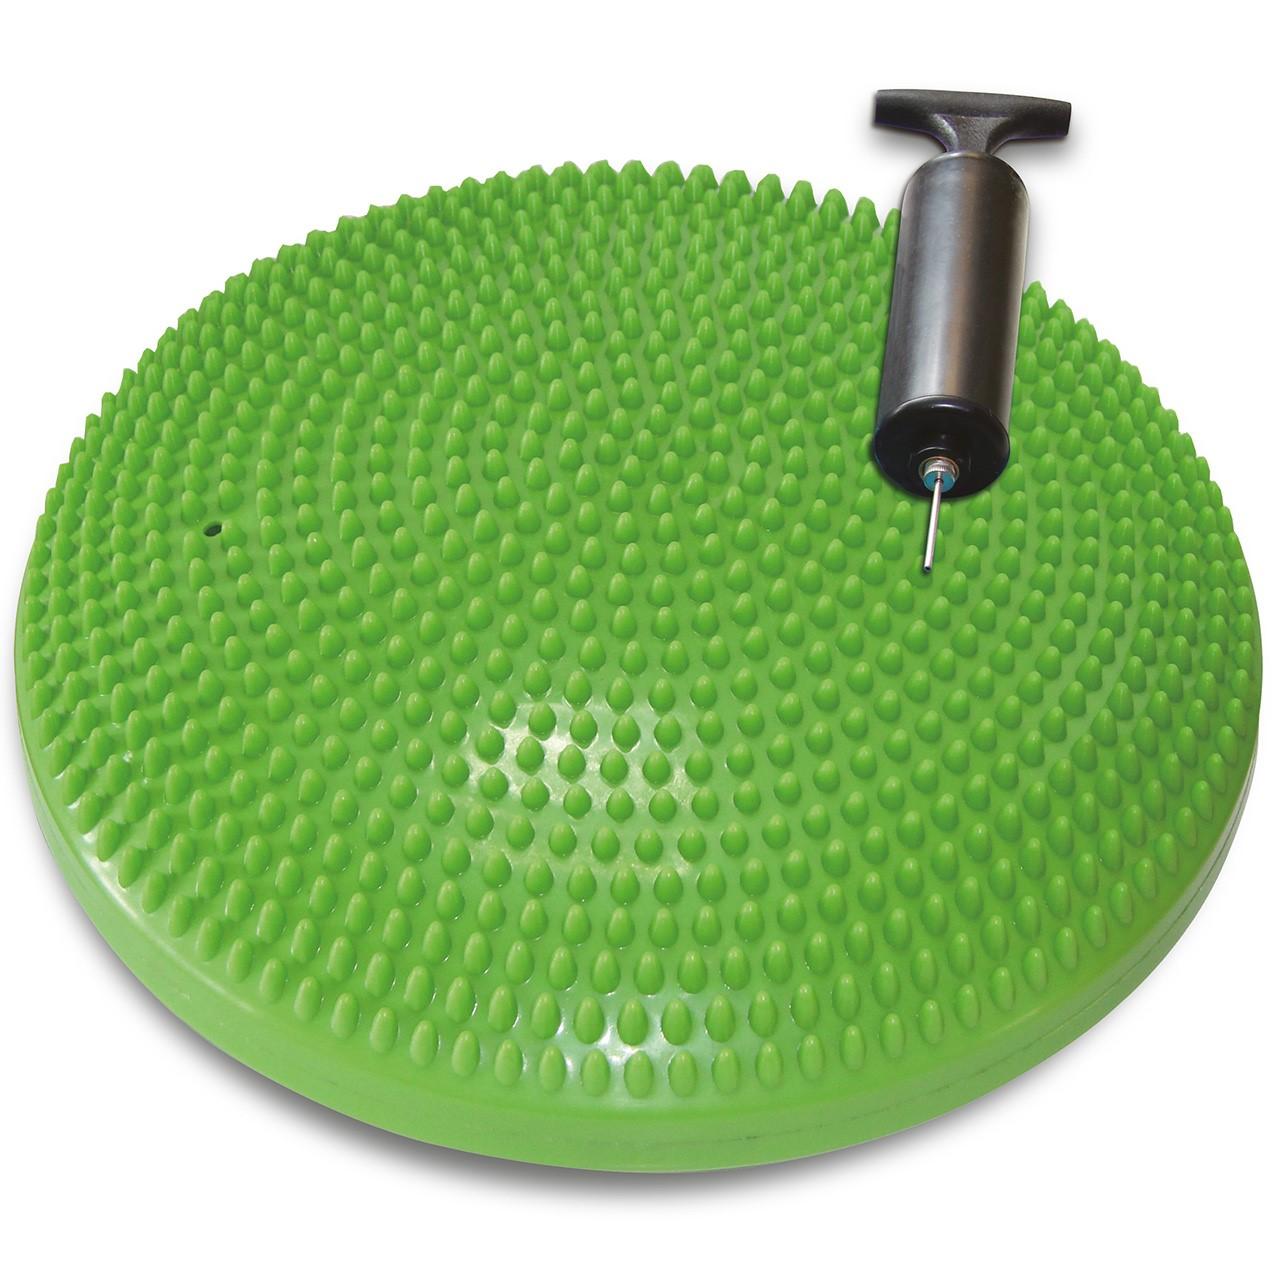 TUNTURI Vzduchová balanční podložka s pumpičkou zelená